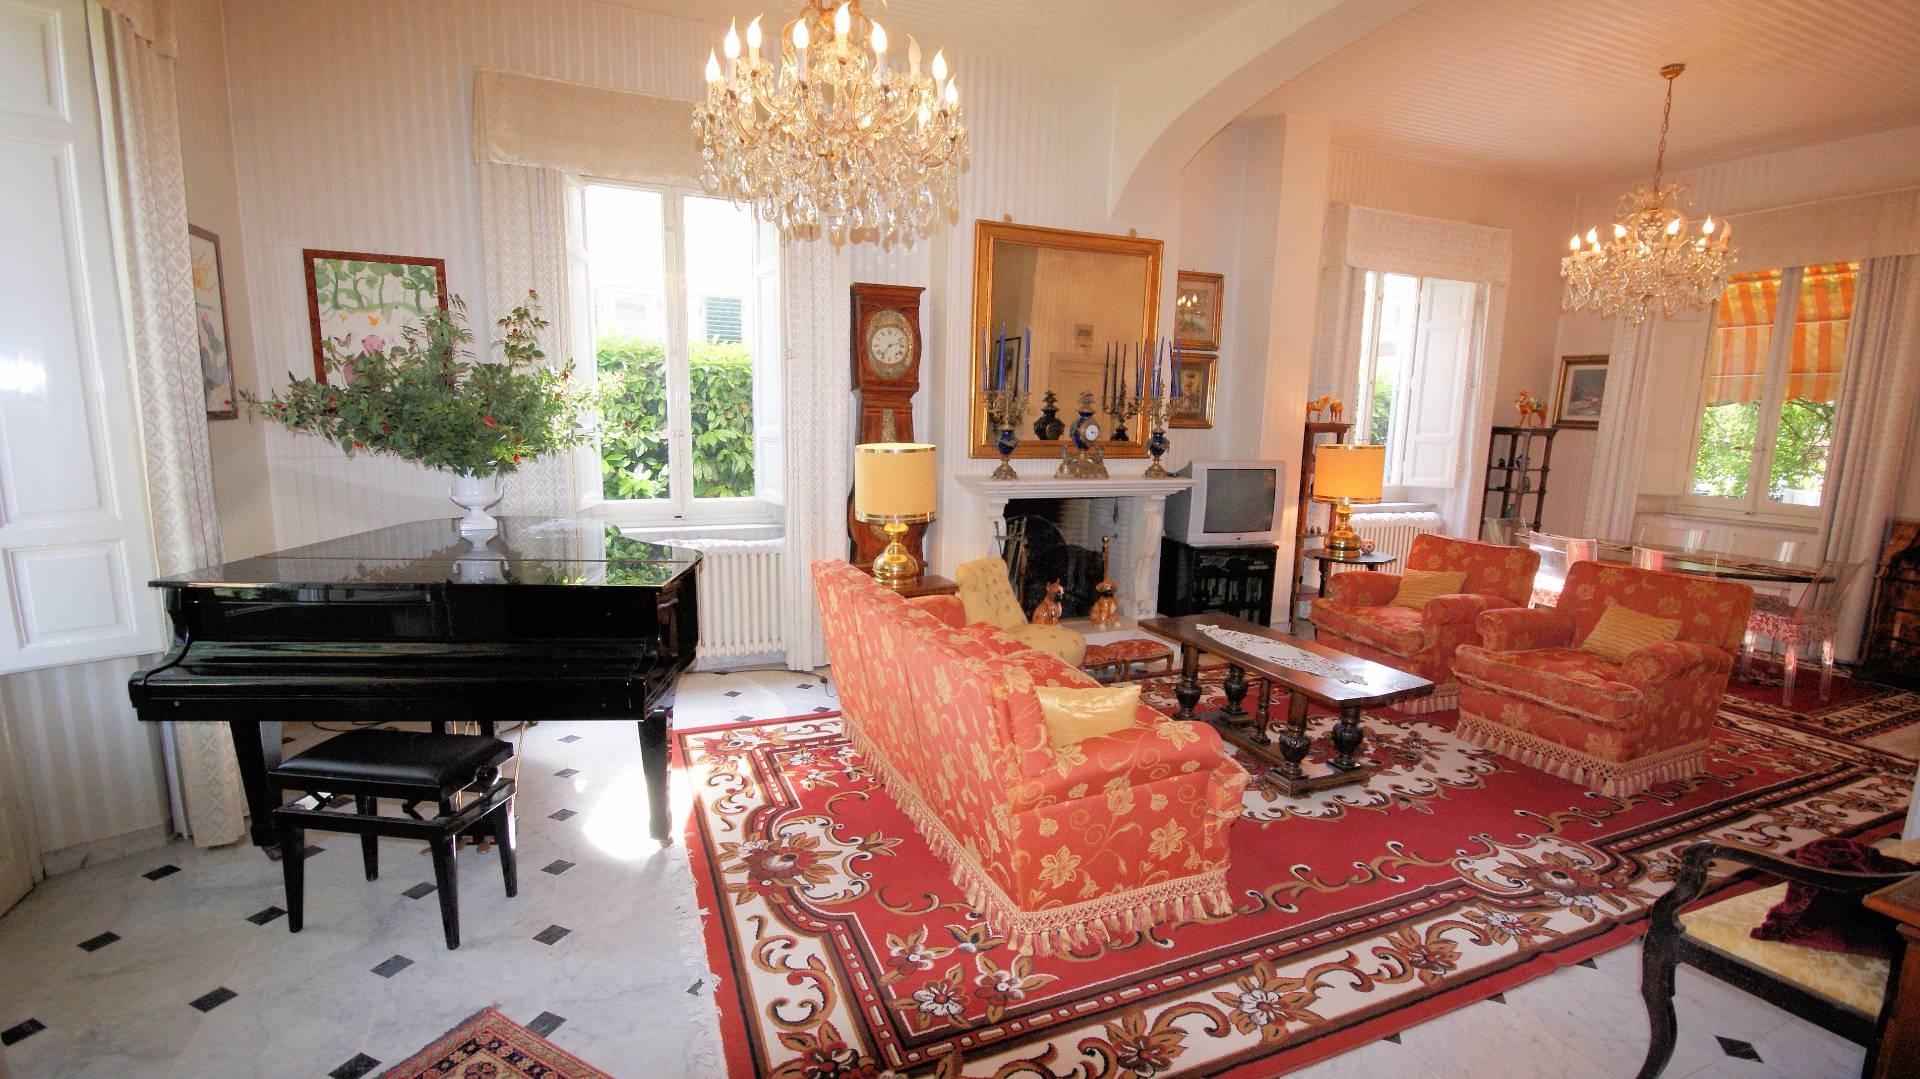 Villa in vendita a Lucca, 10 locali, Trattative riservate | Cambio Casa.it